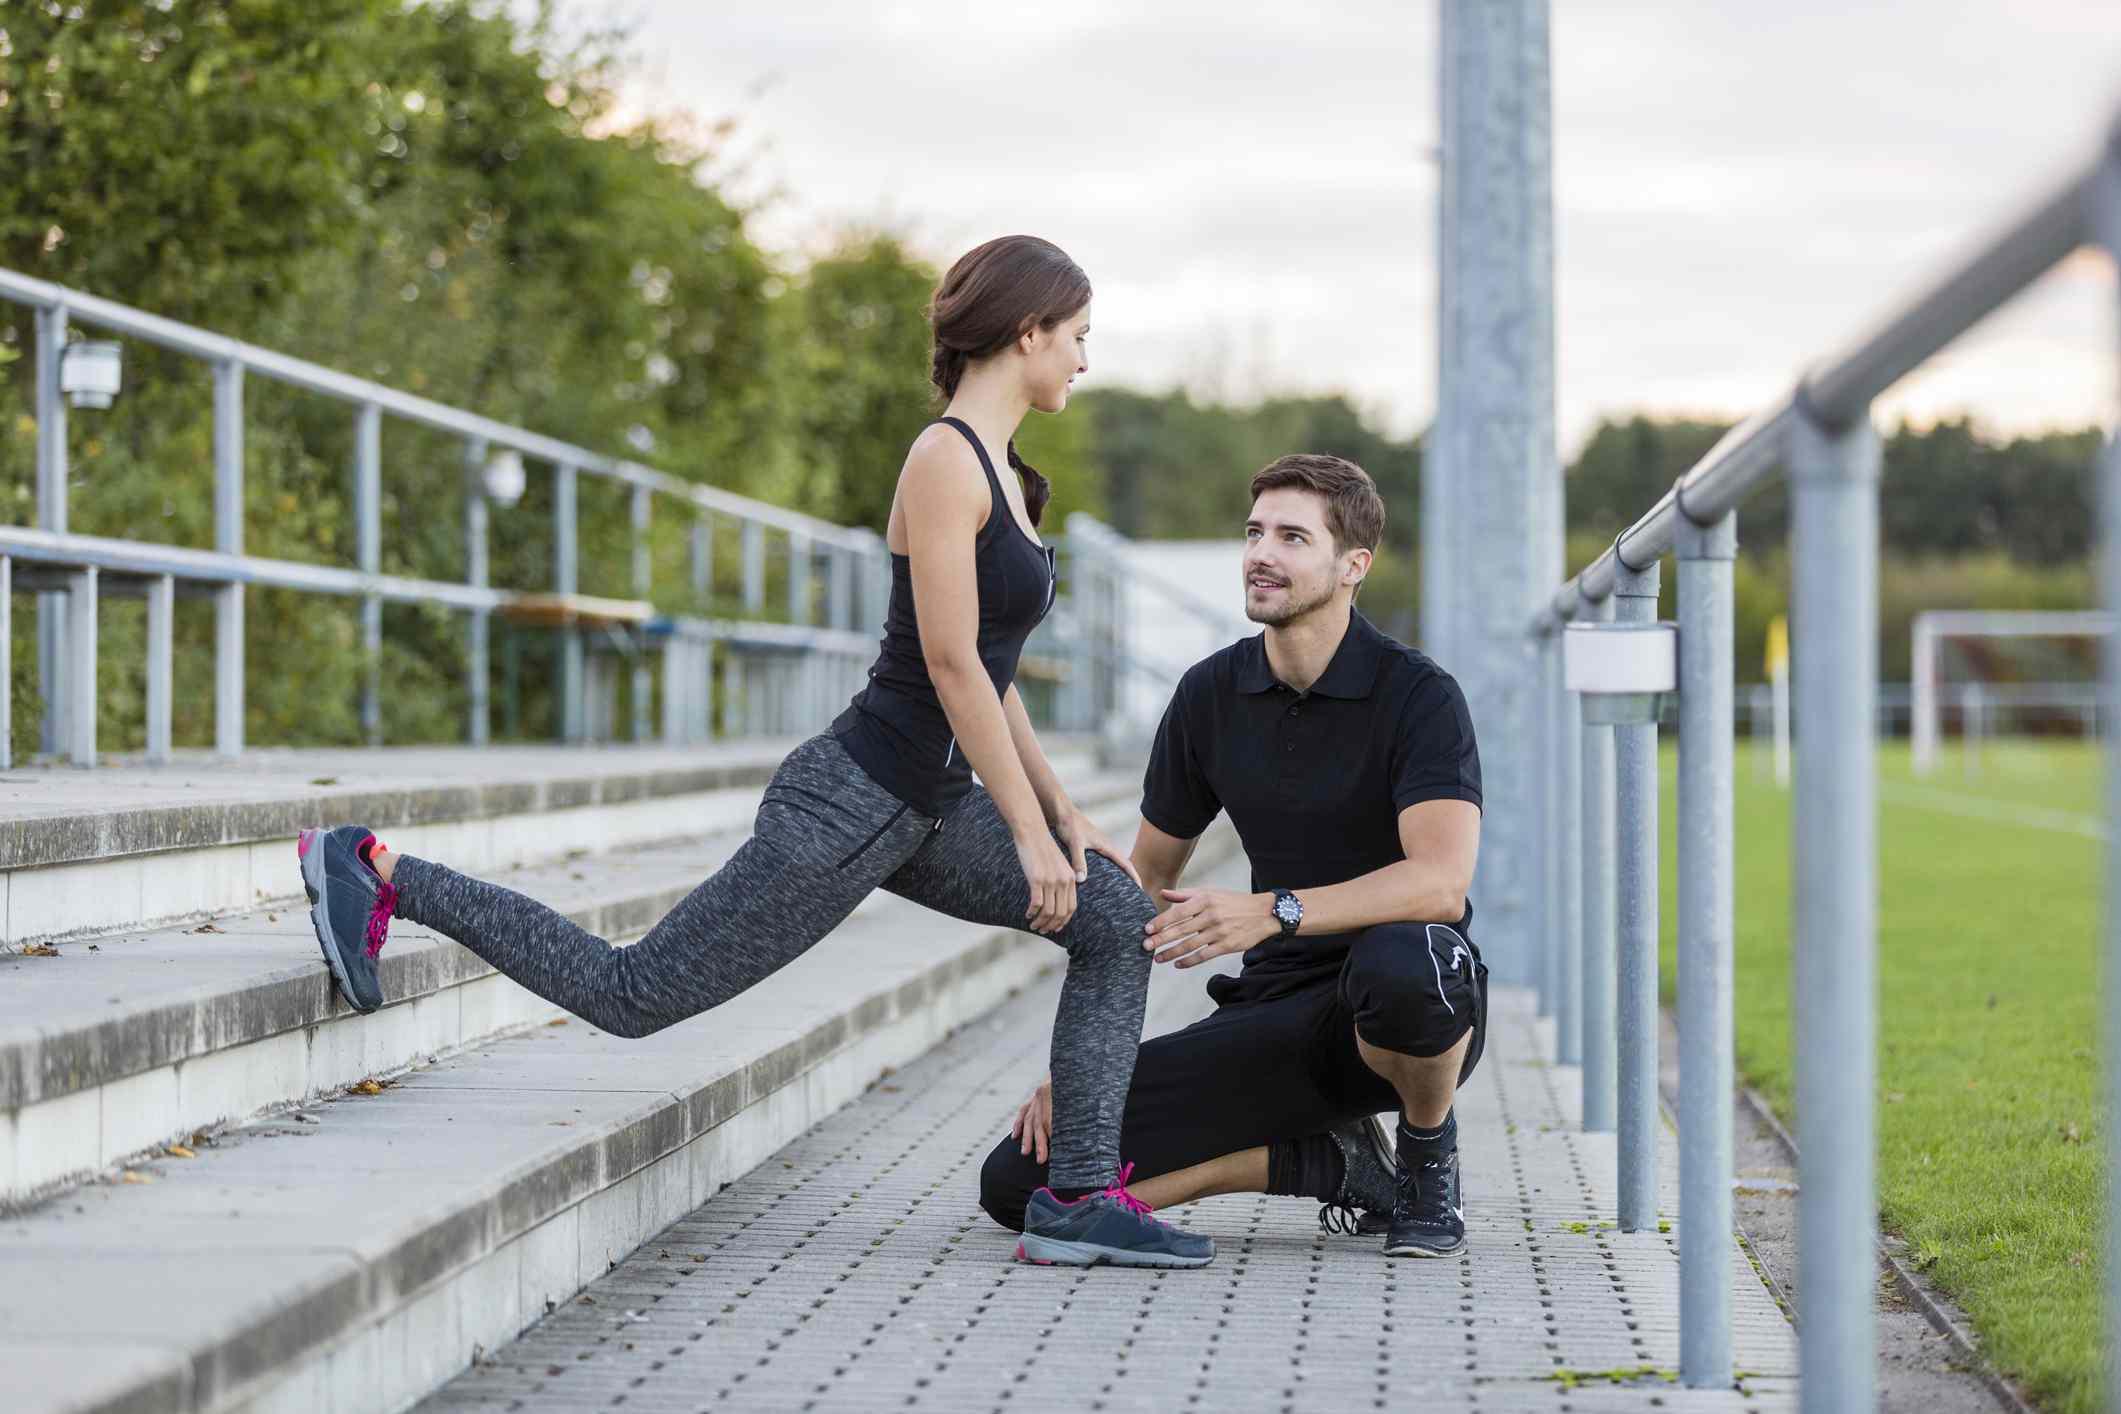 Mujer entrenando al aire libre con entrenador personal.